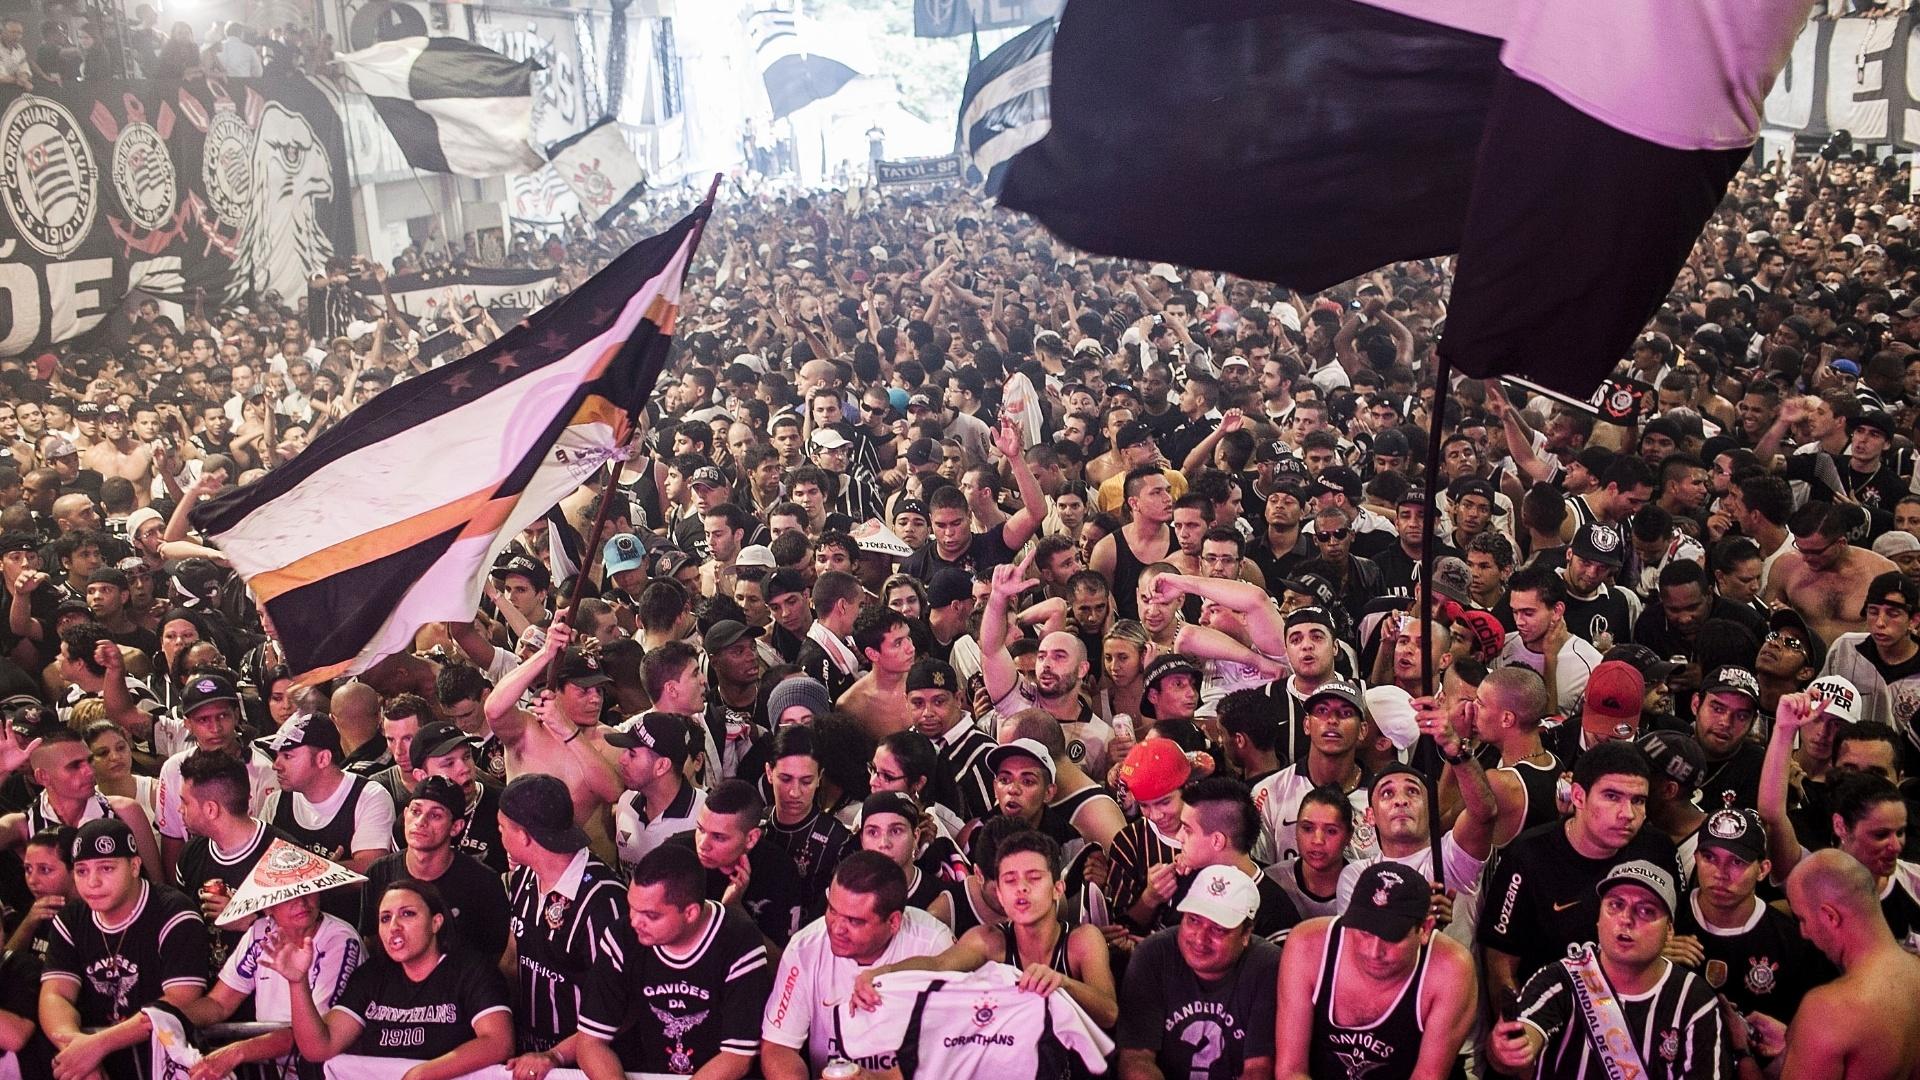 Torcedores do Corinthians chegaram à quadra da Gaviões no início da madrugada